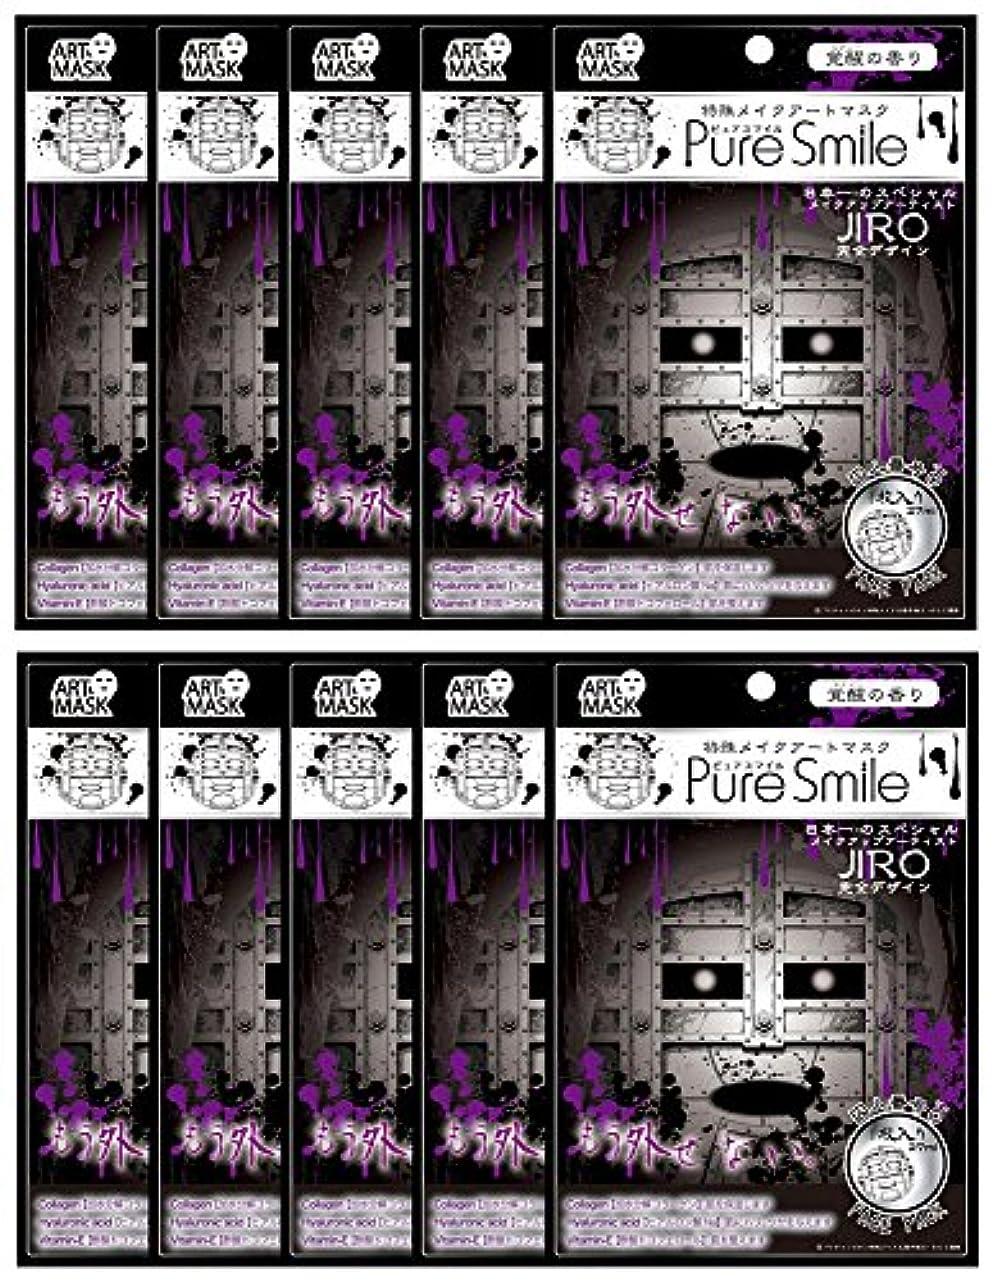 地域技術者困惑するピュアスマイル 特殊メイクアートマスク 囚人番号0 ART12 1枚入 ×10セット